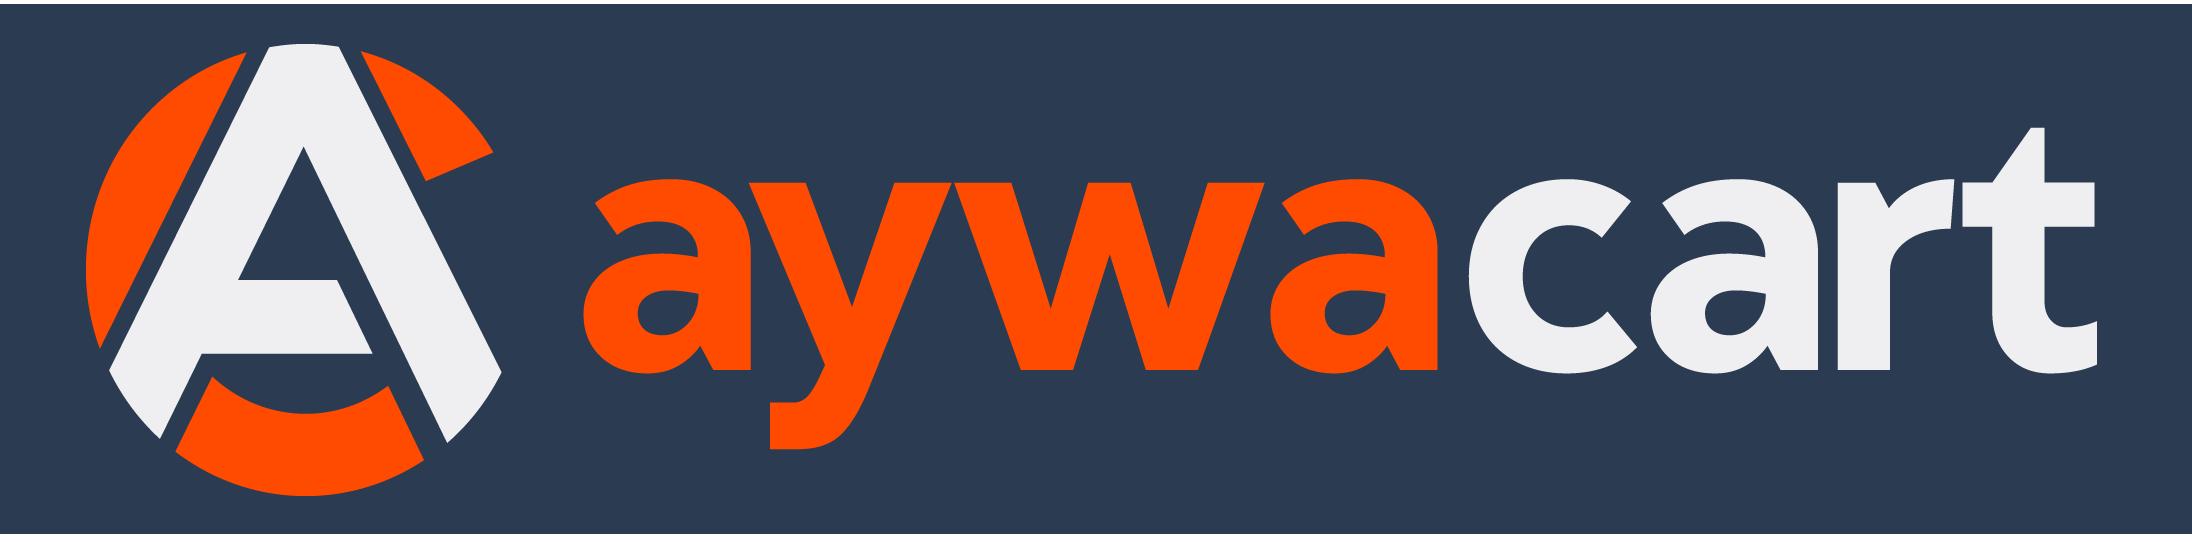 AywaCart